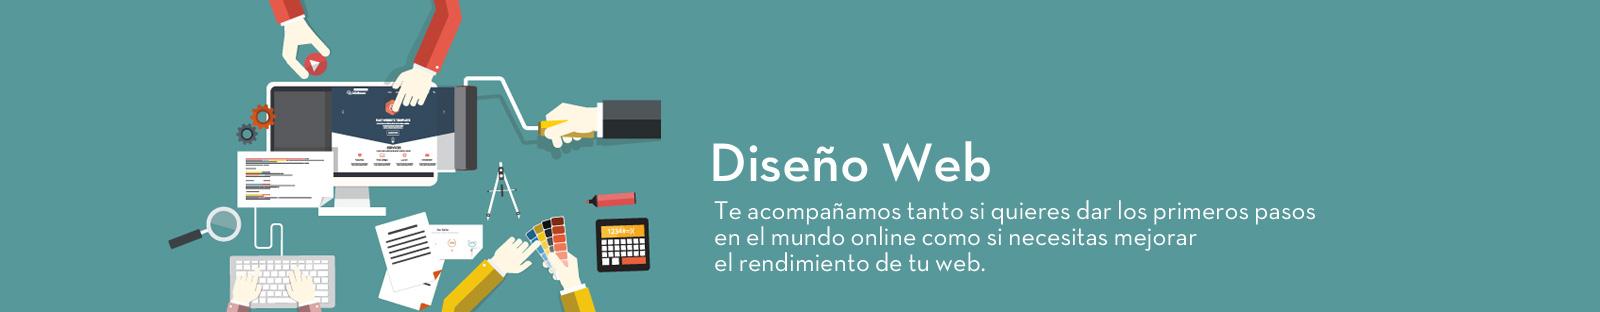 Diseño Web. socialbeings